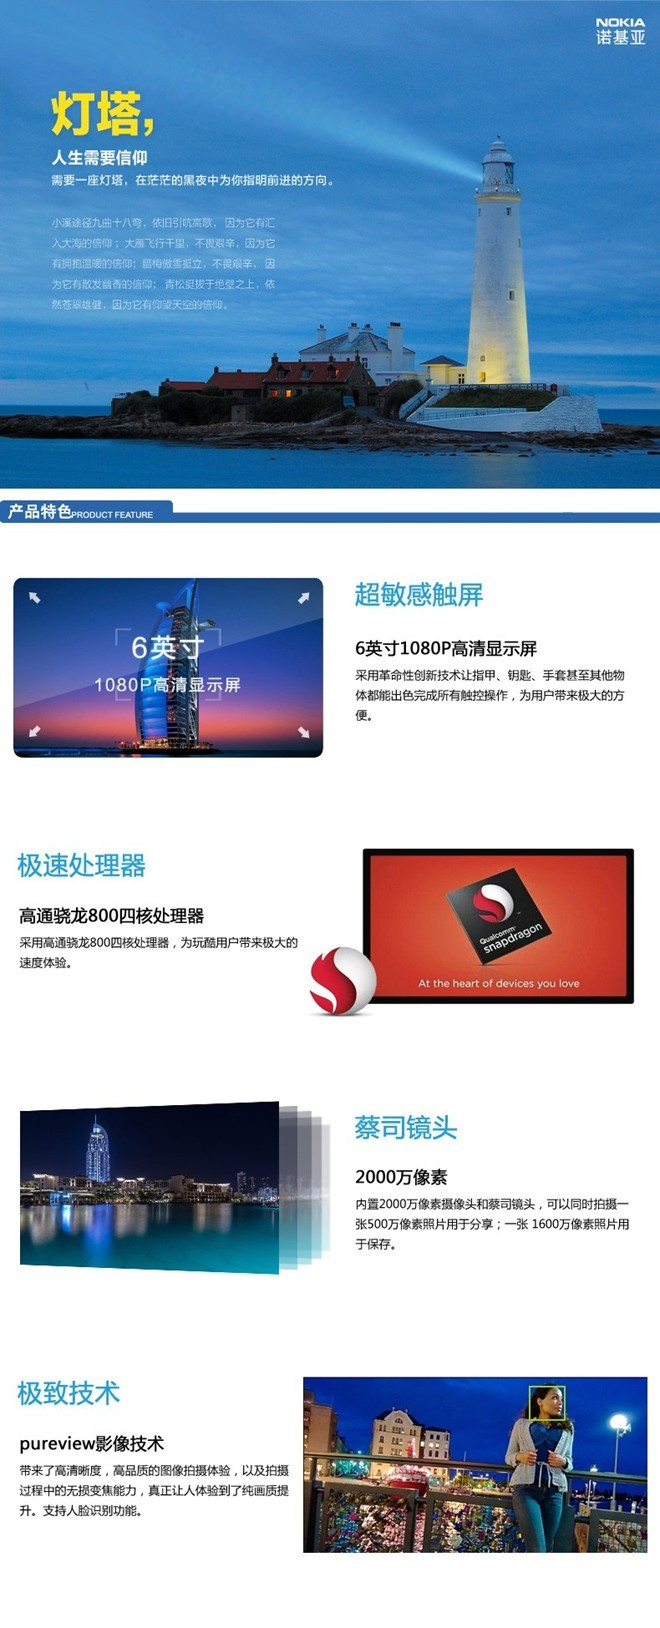 Những hình ảnh quảng cáo tính năng của Lumia 1520 trên website của Tmall Store